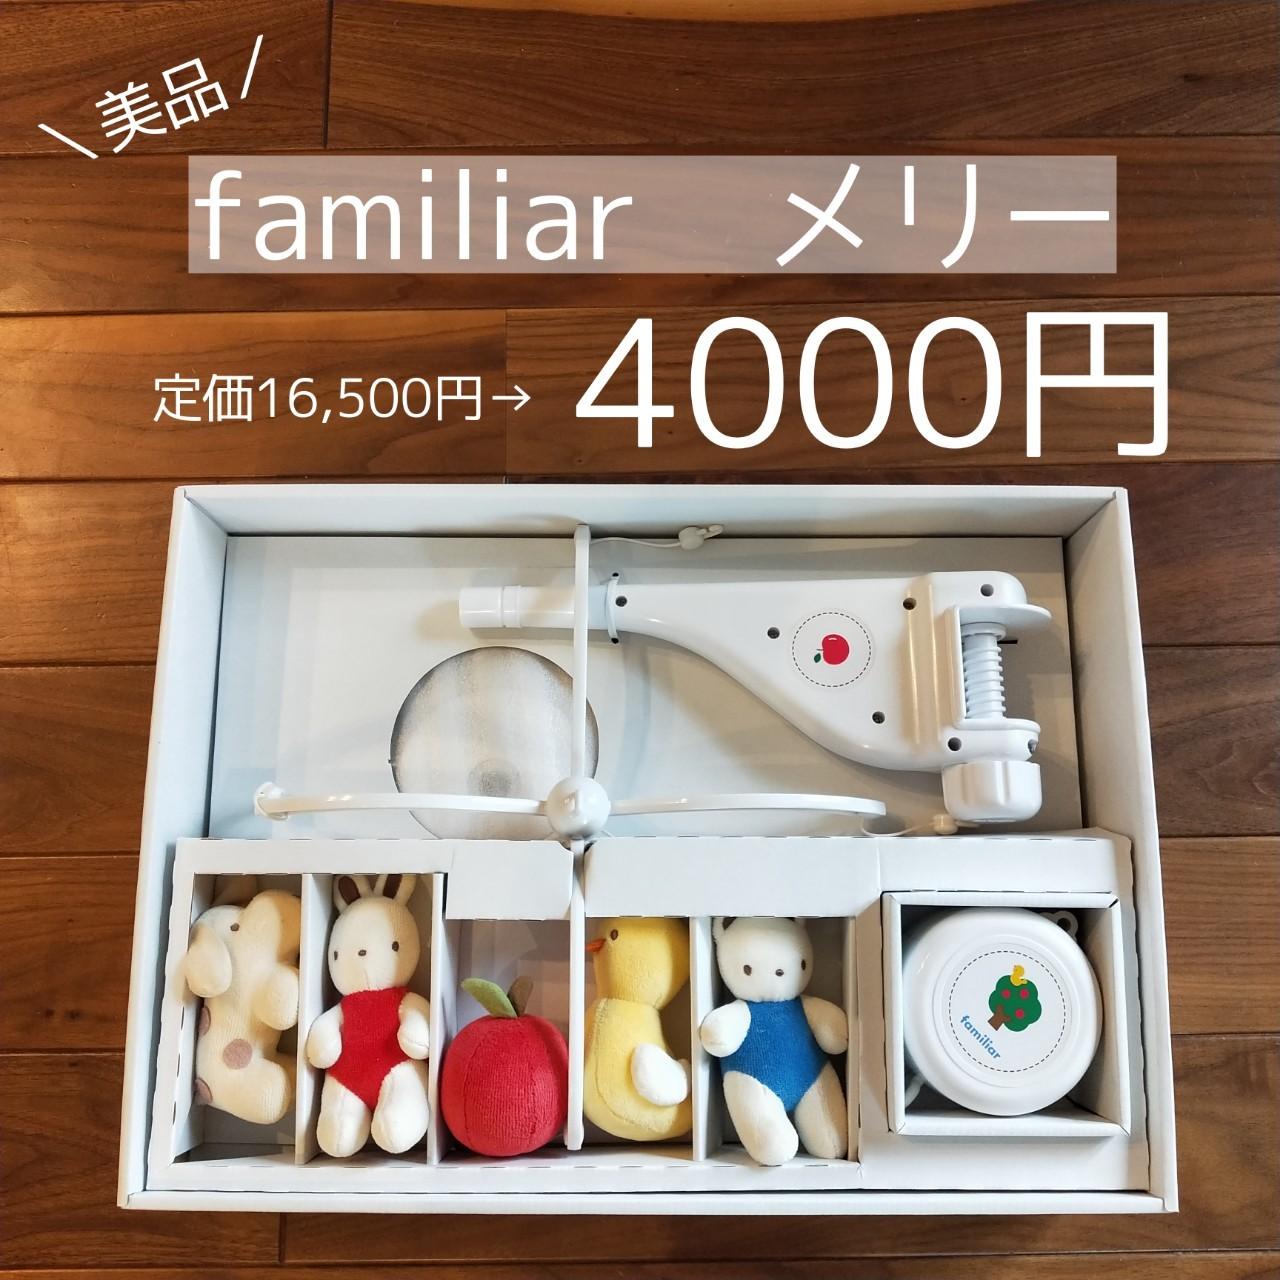 ⑨Familiar メリー 4000円